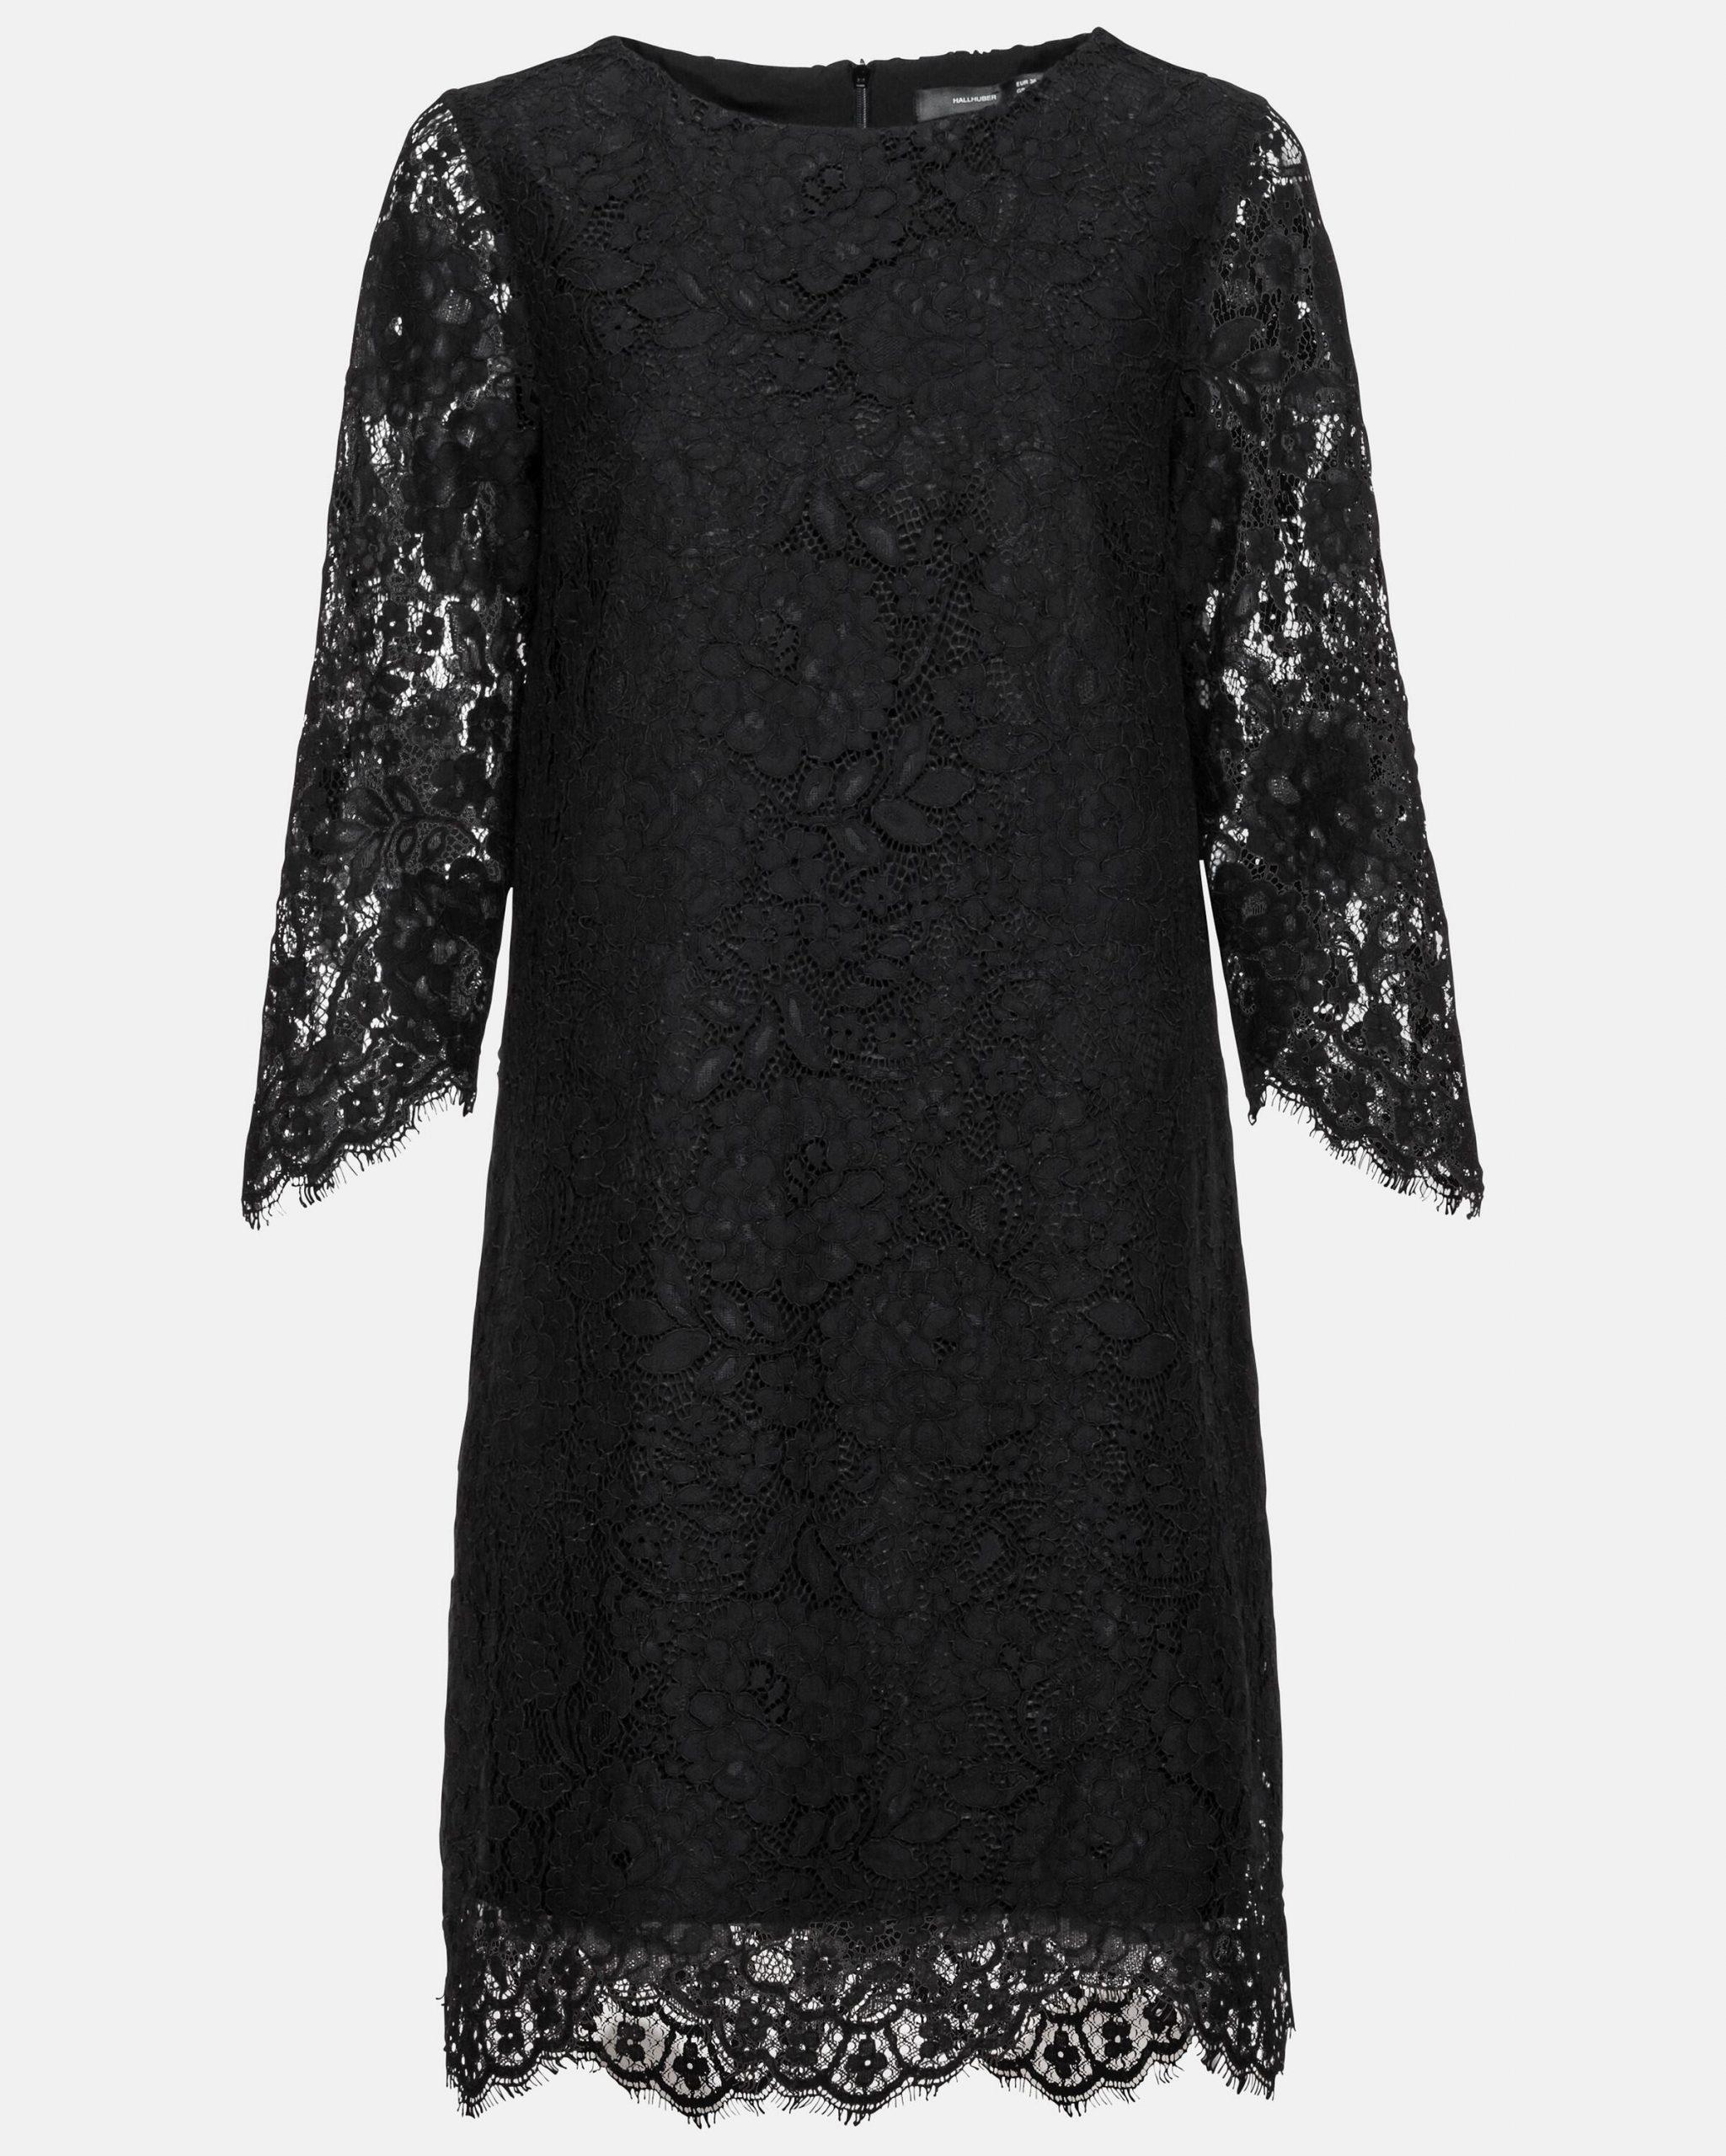 Abend Großartig Kleider Für Heiligabend ÄrmelDesigner Perfekt Kleider Für Heiligabend Spezialgebiet